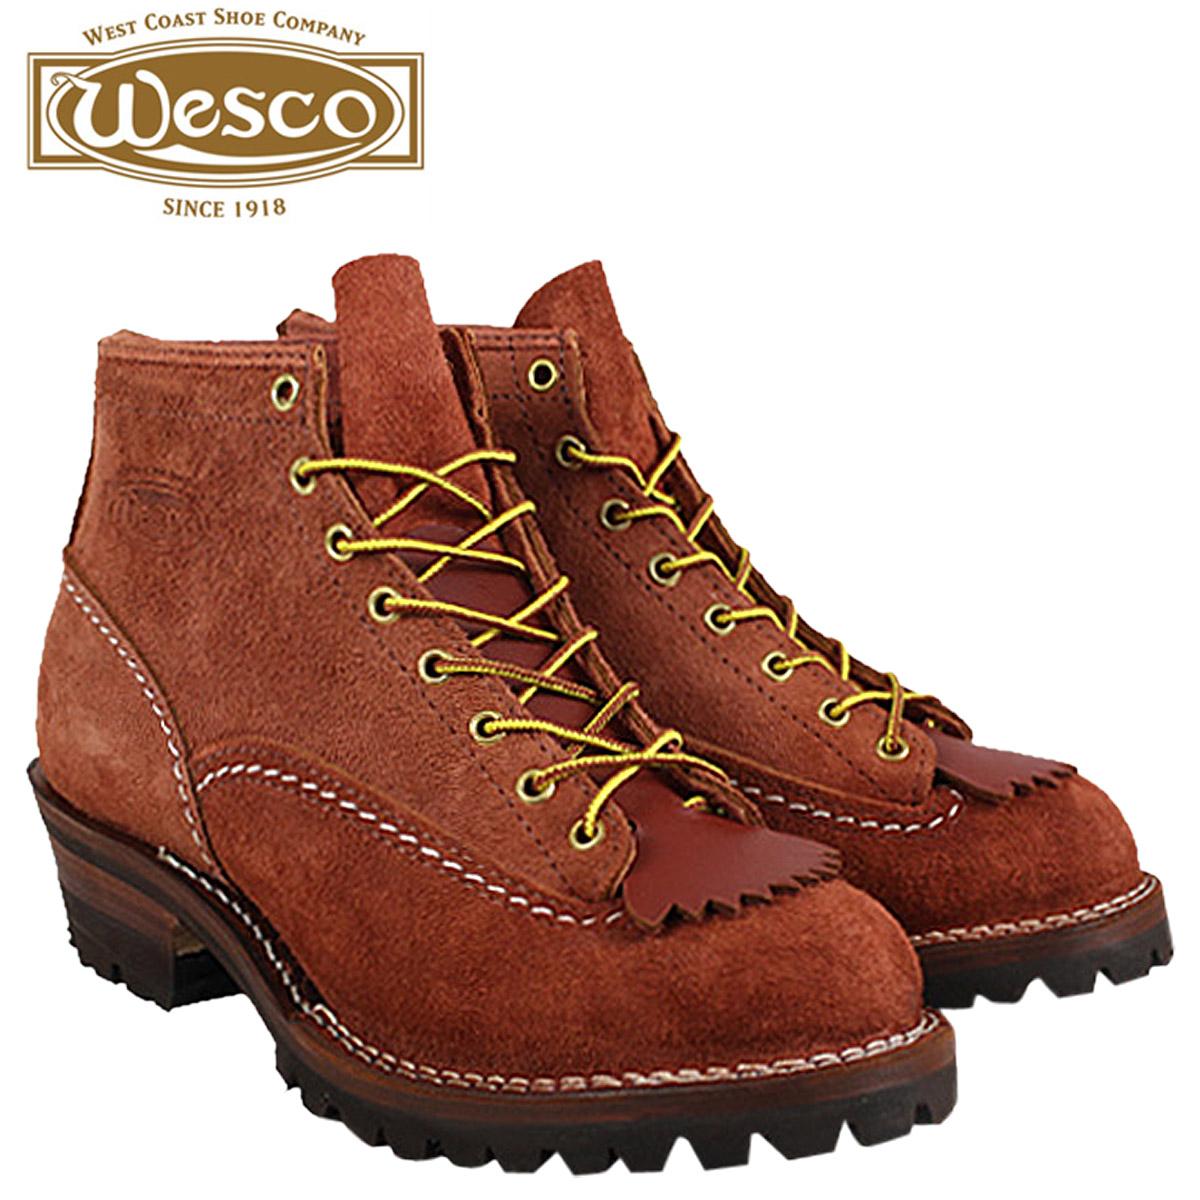 WESCO ウエスコ 6インチ ジョブマスター ブーツ 6INCH JOB MASTER Eワイズ スエード レッド 赤ウッド ウェスコ スウェード RW106100 メンズ